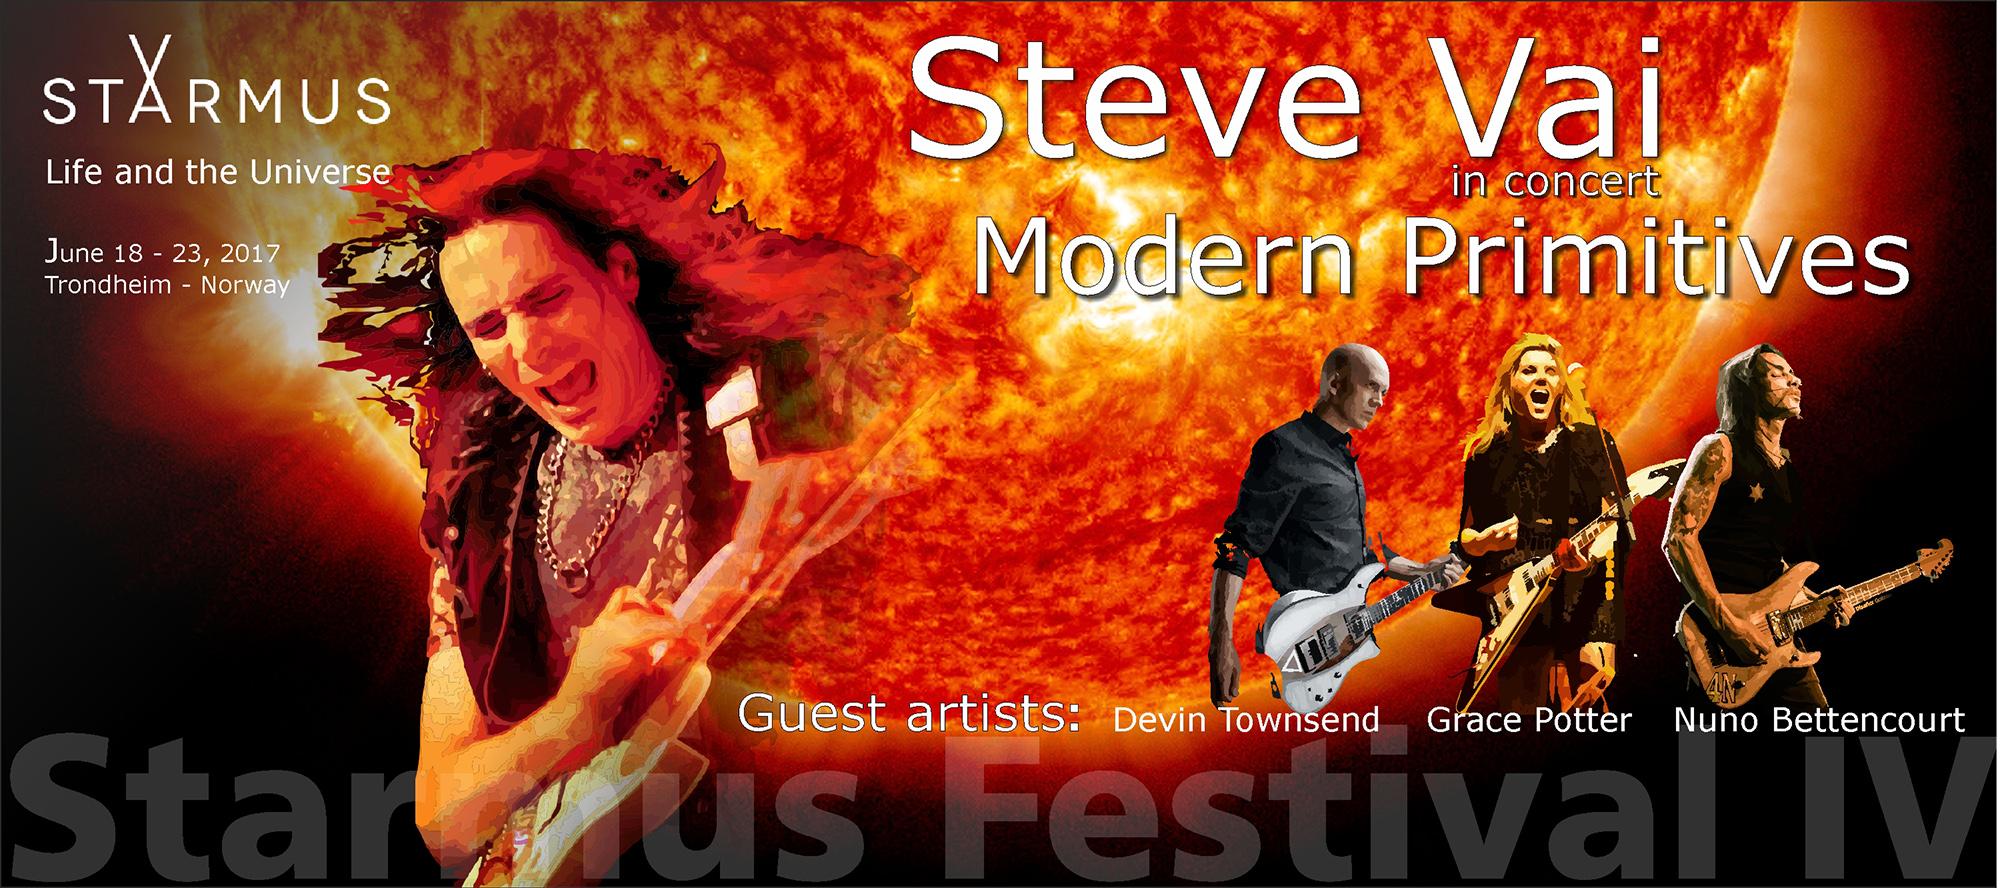 Steve Vai - Starmus IV